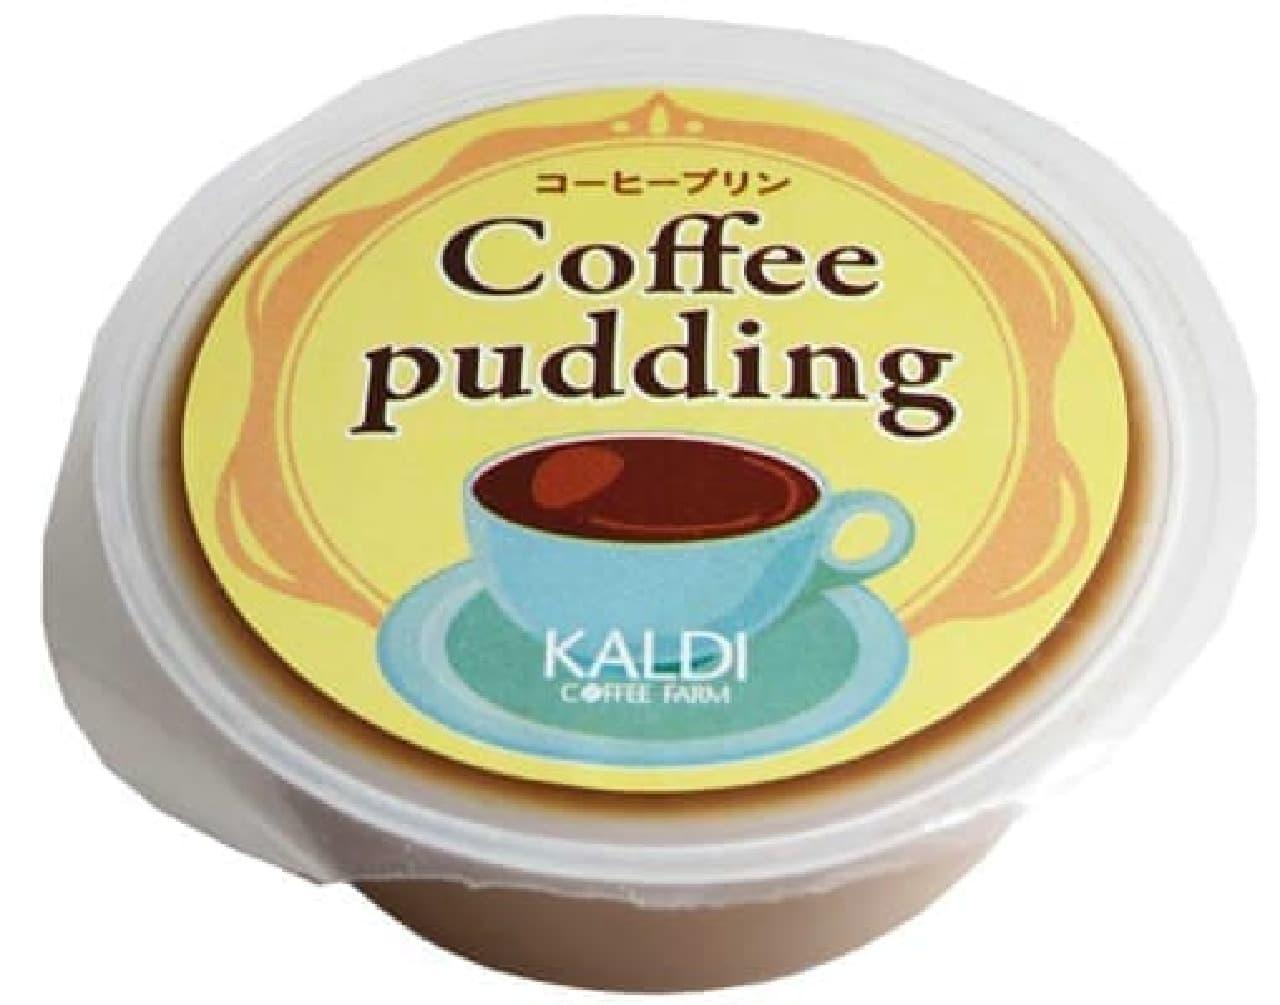 カルディのコーヒー豆を使ったコーヒープリン!